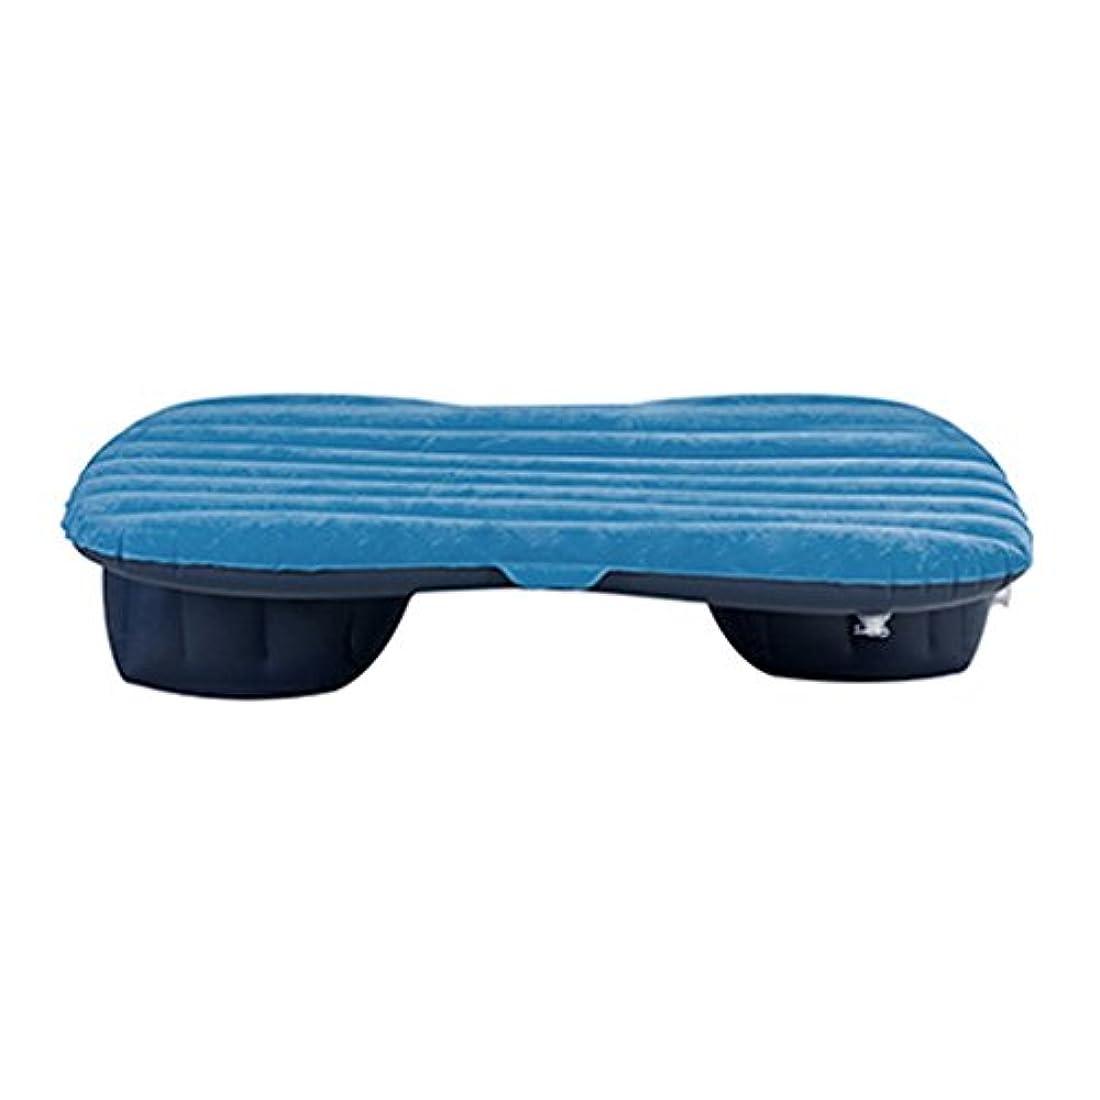 起こりやすいギャップ科学的エアベッド - カートラベルベッドカー自己駆動インフレータブルベッドリアカー アウトドアレジャー用品 (Color : Blue)